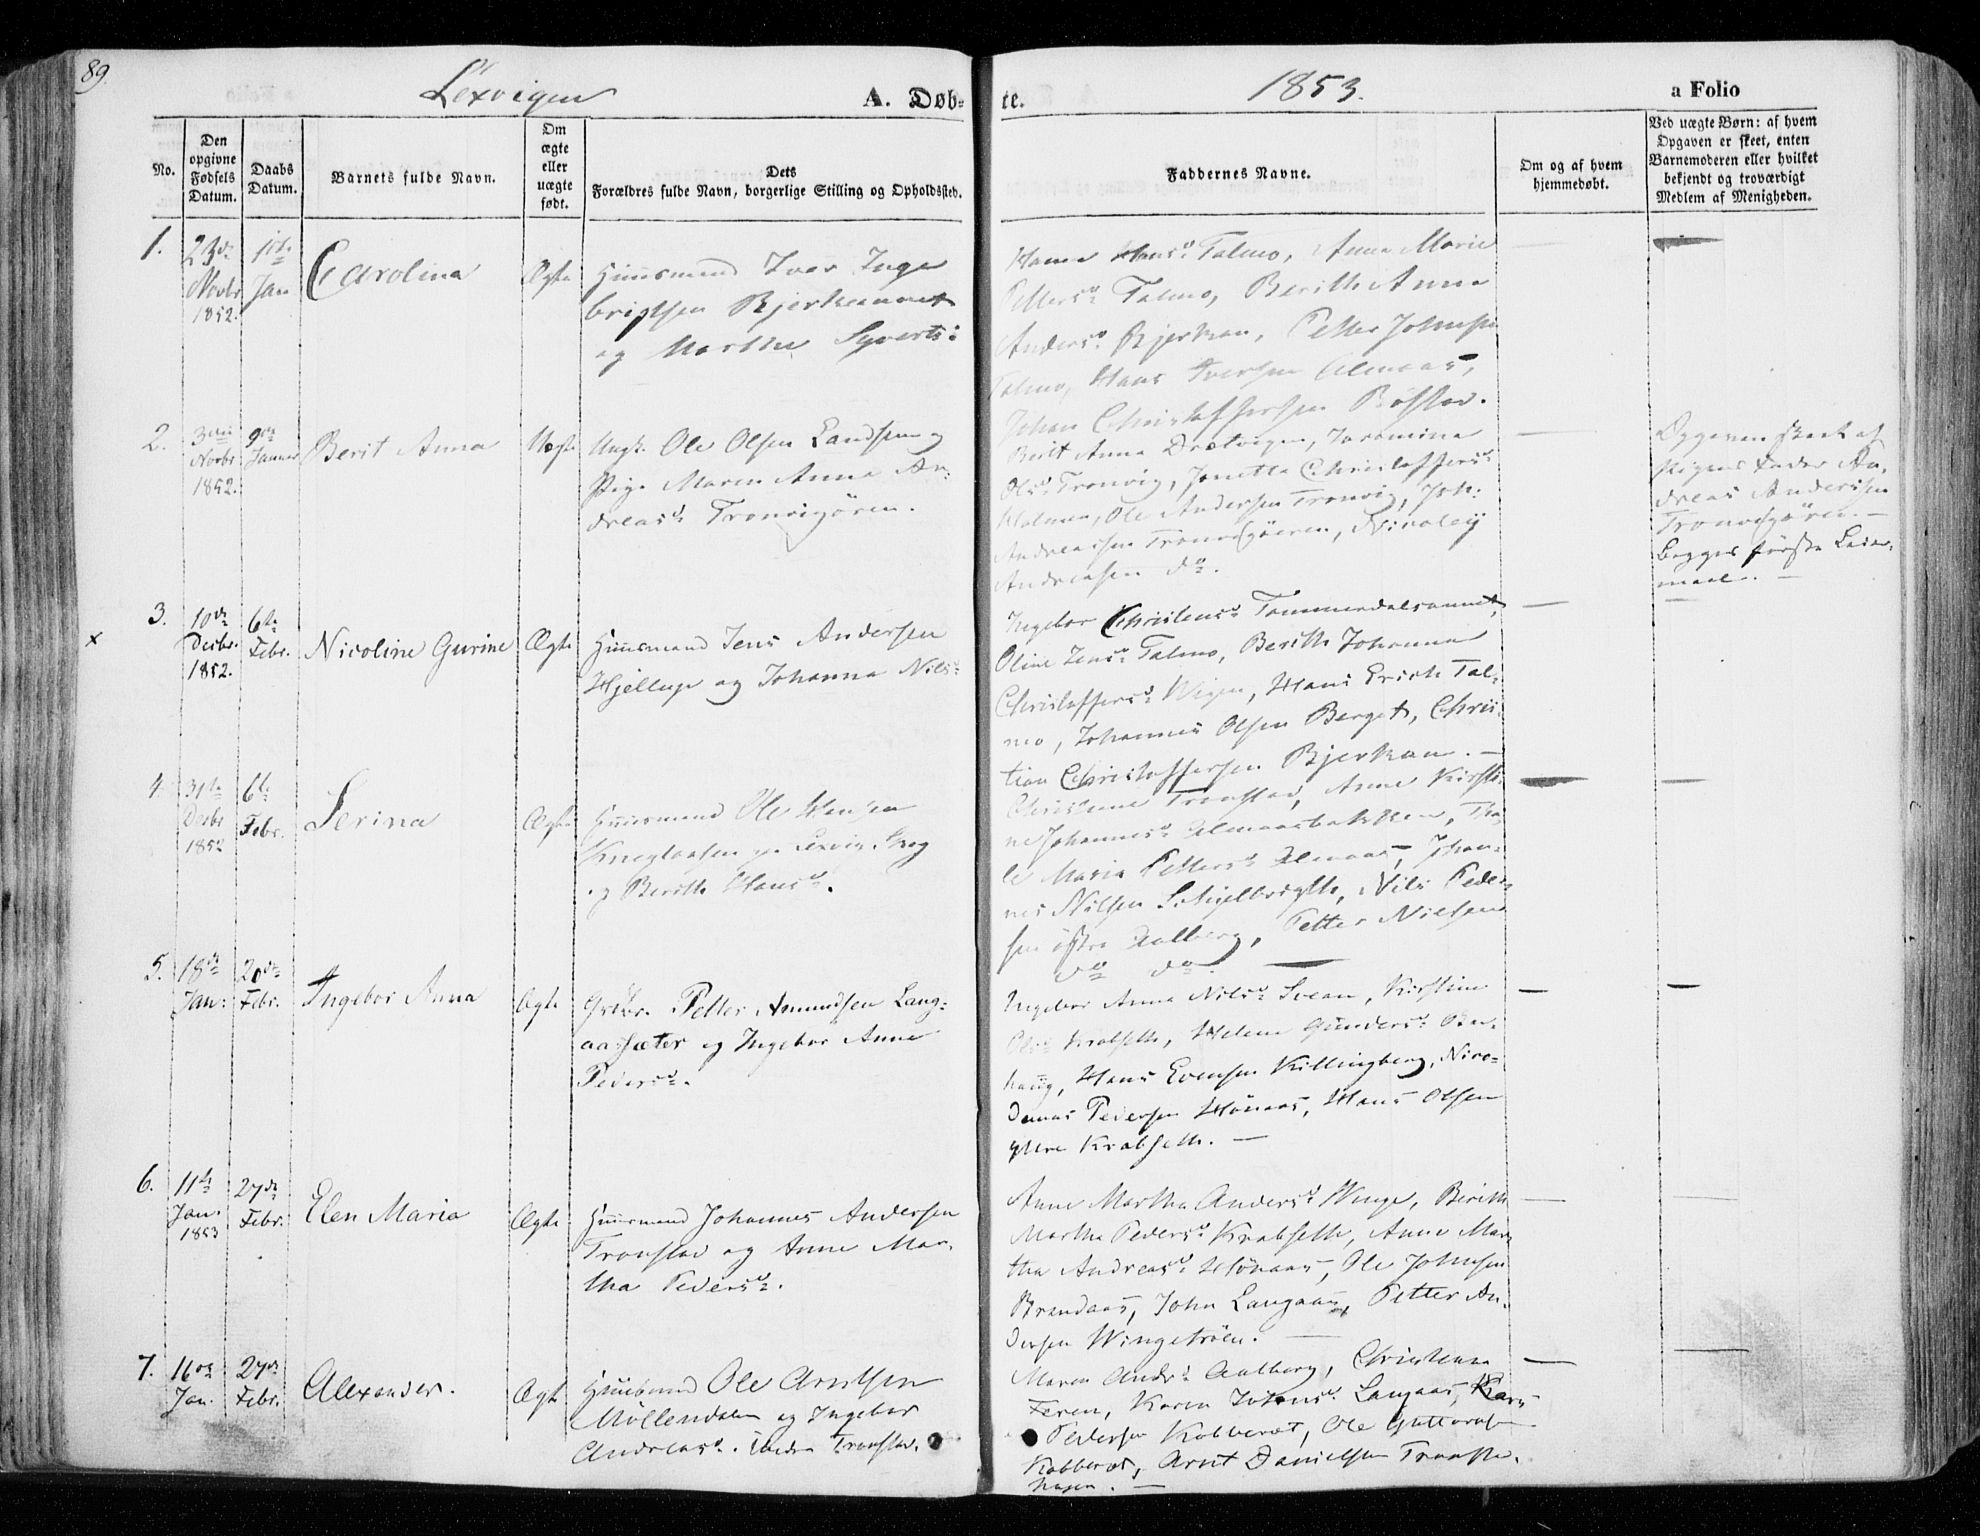 SAT, Ministerialprotokoller, klokkerbøker og fødselsregistre - Nord-Trøndelag, 701/L0007: Ministerialbok nr. 701A07 /1, 1842-1854, s. 89